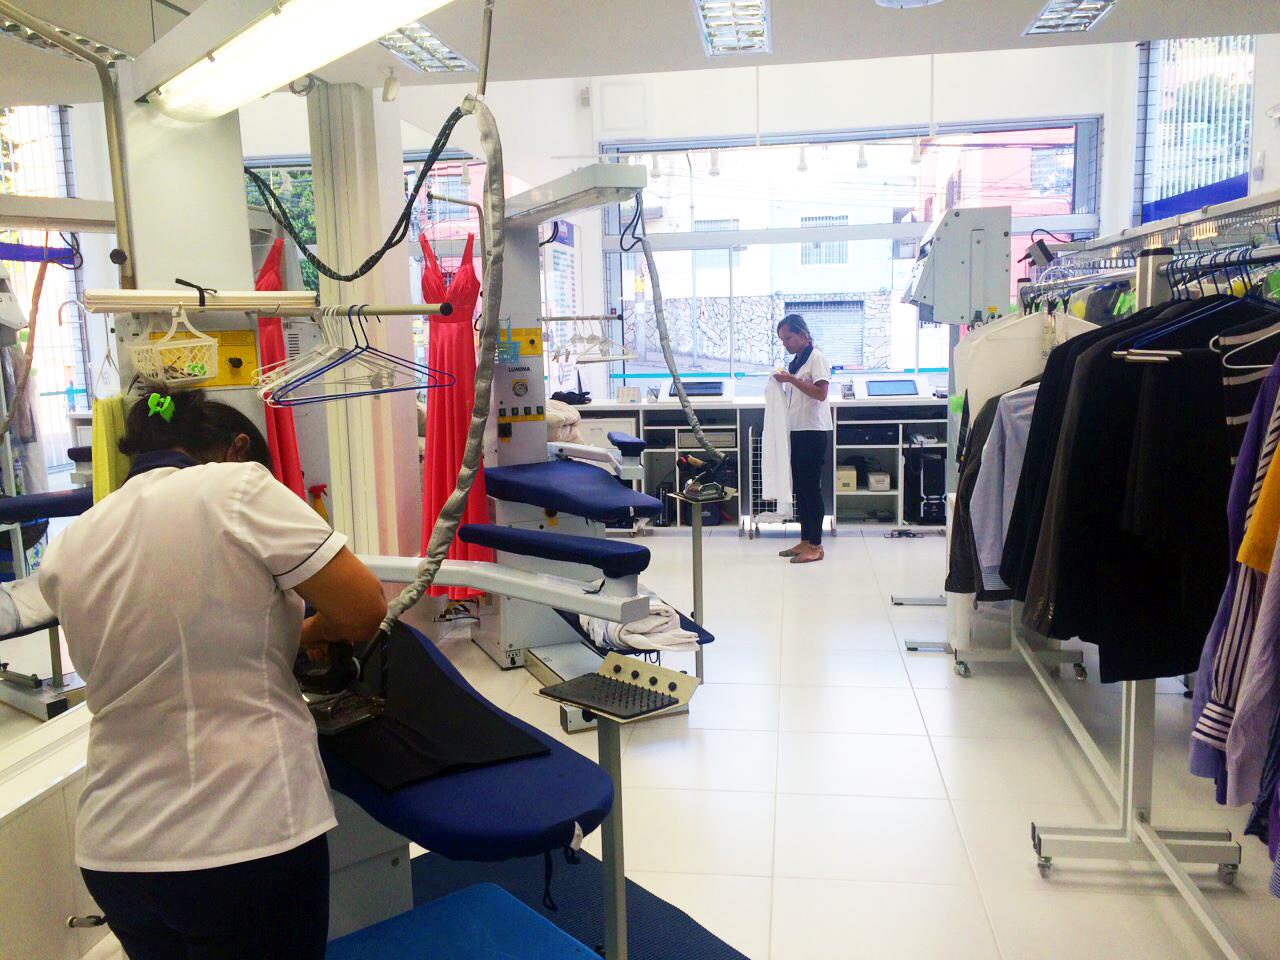 Cresce demanda por serviços de lavanderias profissionais